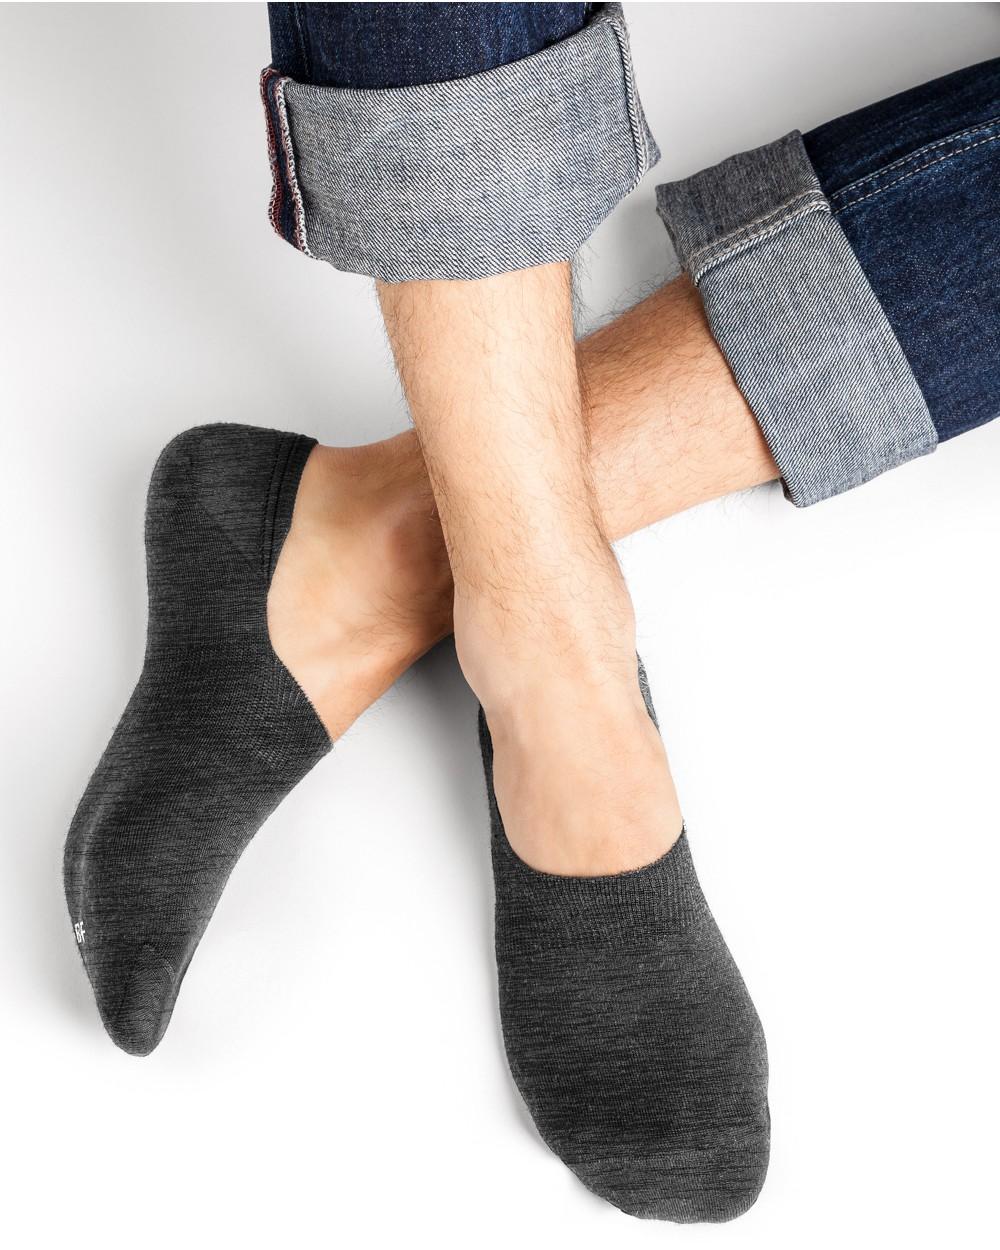 Chaussettes invisibles laine Mérinos